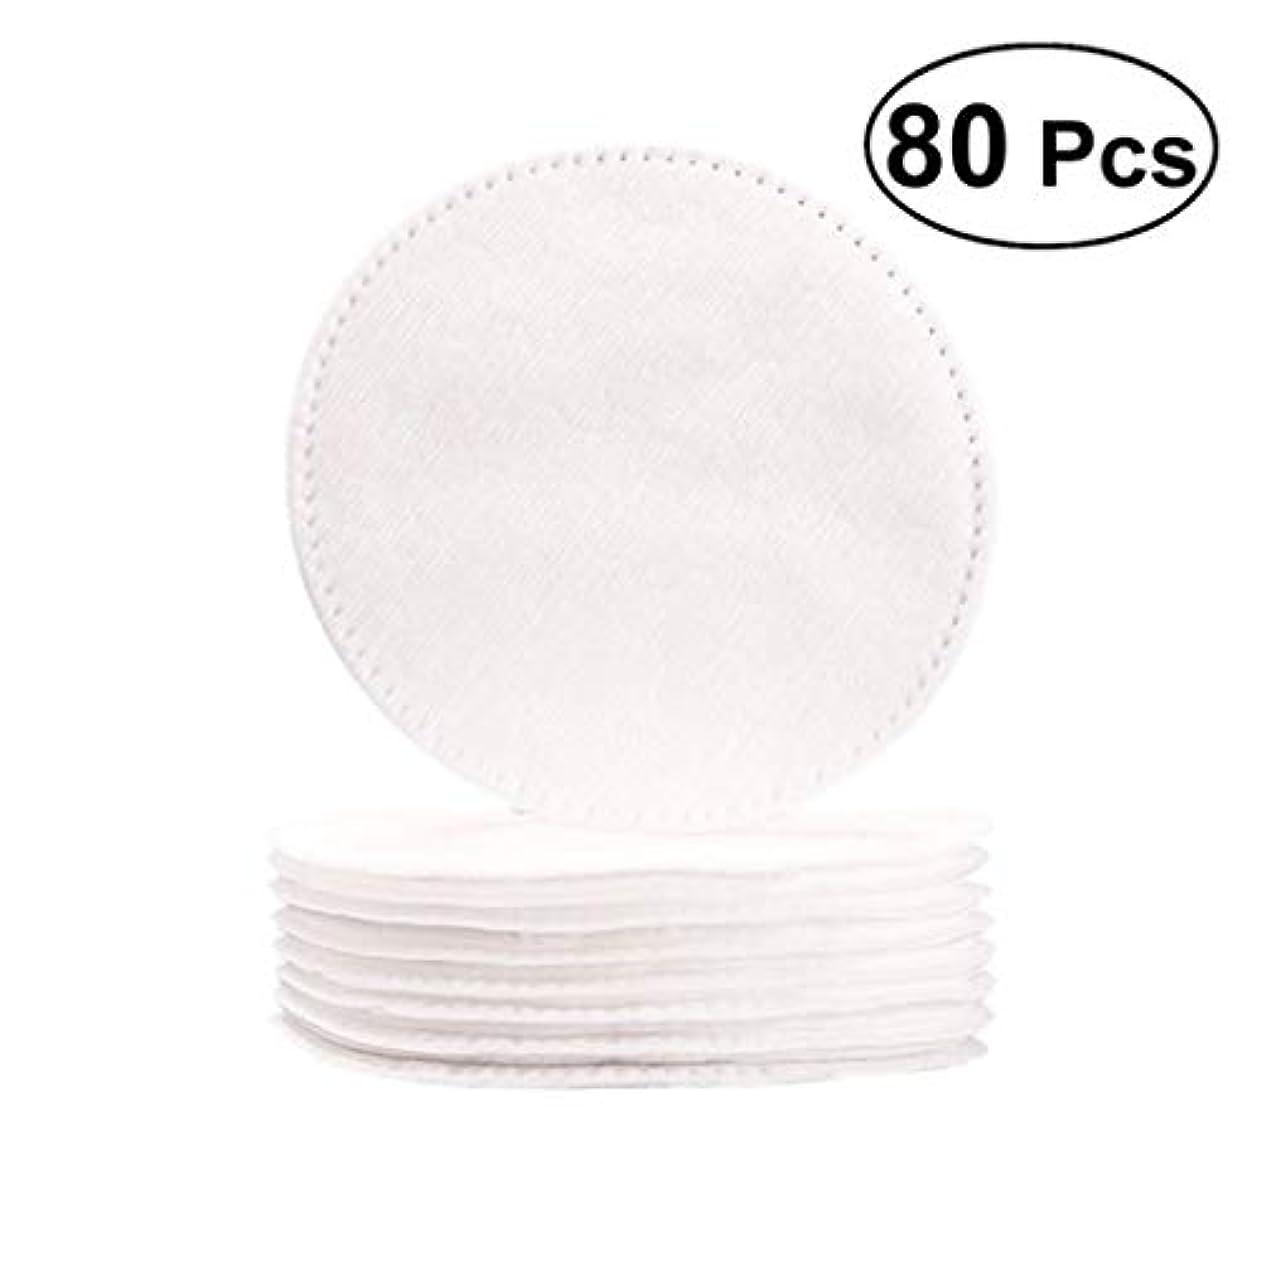 裁量トランペット業界クレンジングシート 80ピースコットンパッド使い捨てダブルフェイスクレンジングクリーニングパッドフェイシャルコットンシートネイルスキンケアコットンパッド (Color : White, サイズ : 5.5cm)